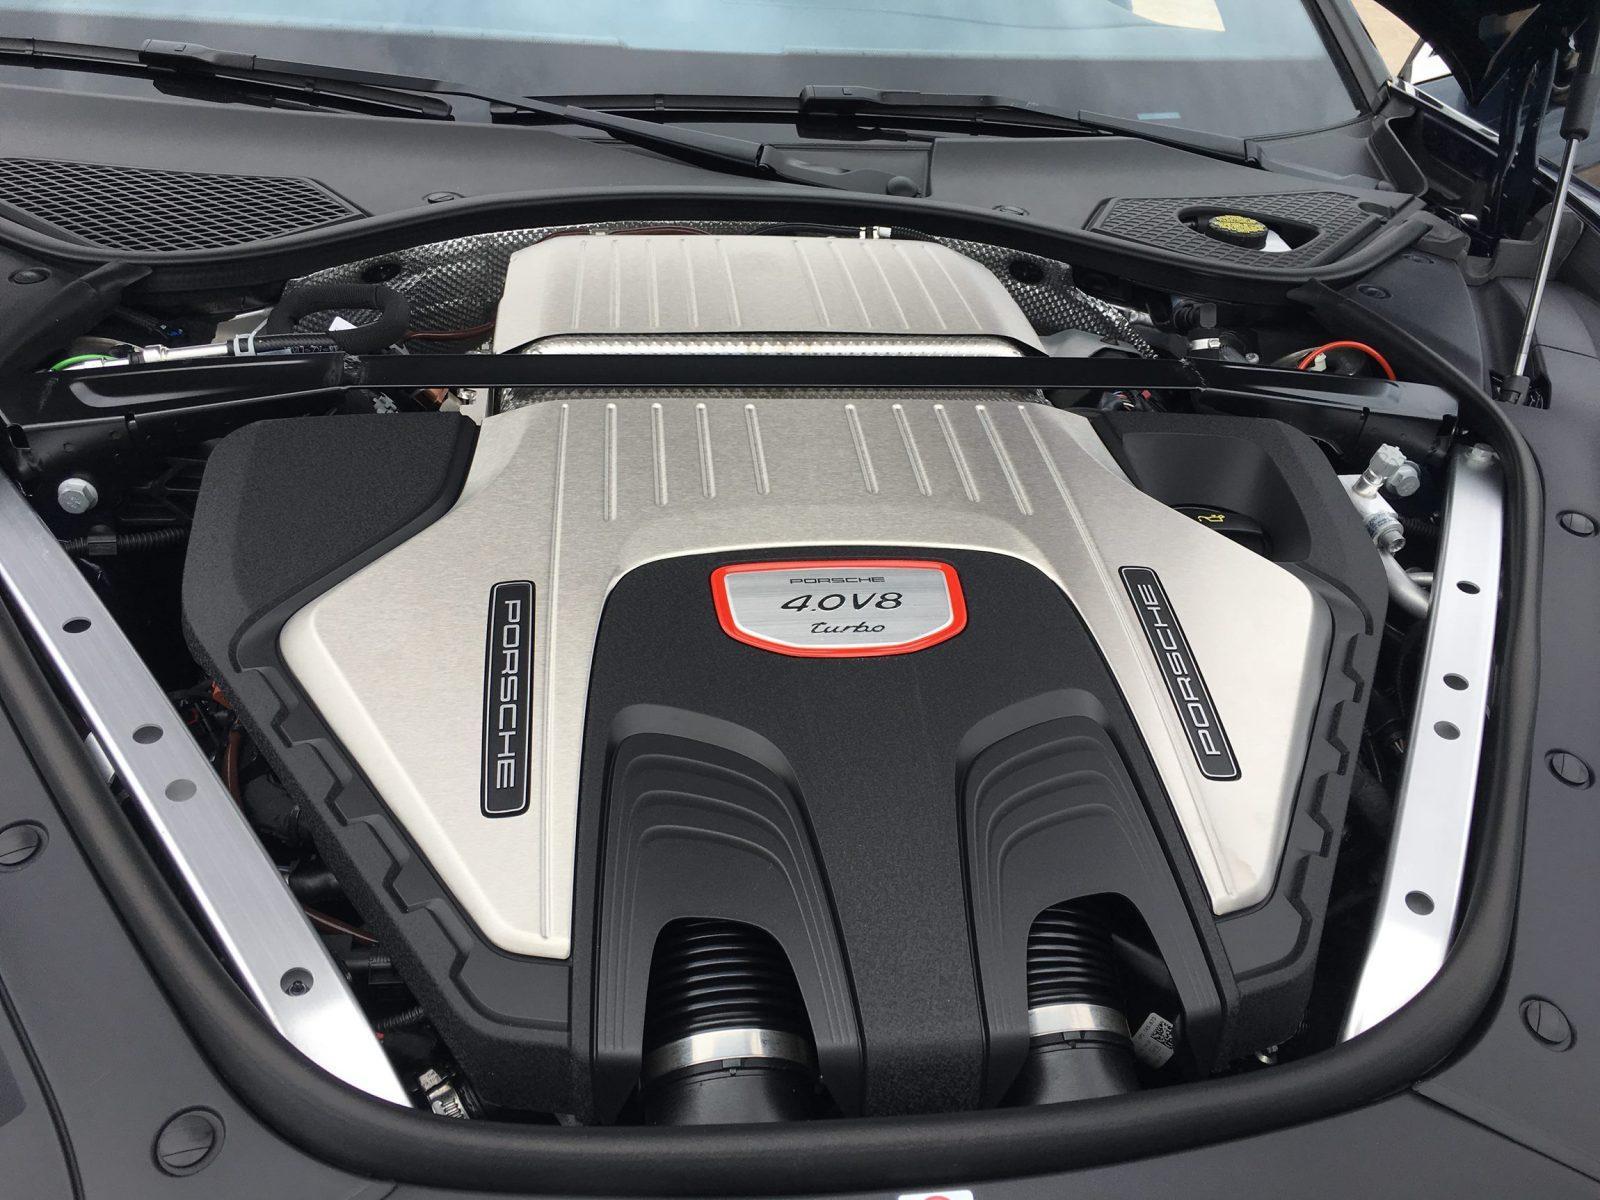 2017 Porsche Panamera TURBO Interior 21